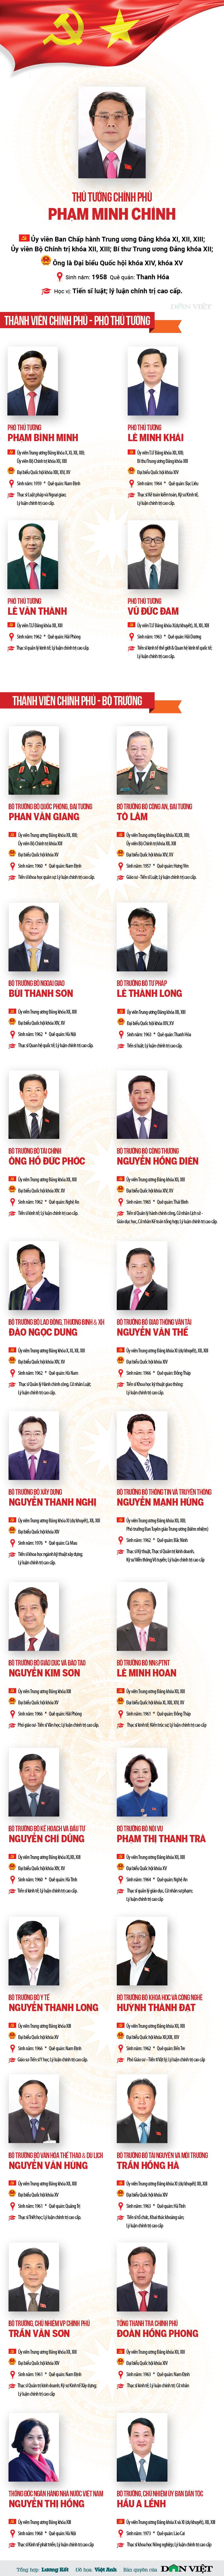 Infographic: Danh sách 27 Thành viên Chính phủ nhiệm kỳ mới - Ảnh 1.